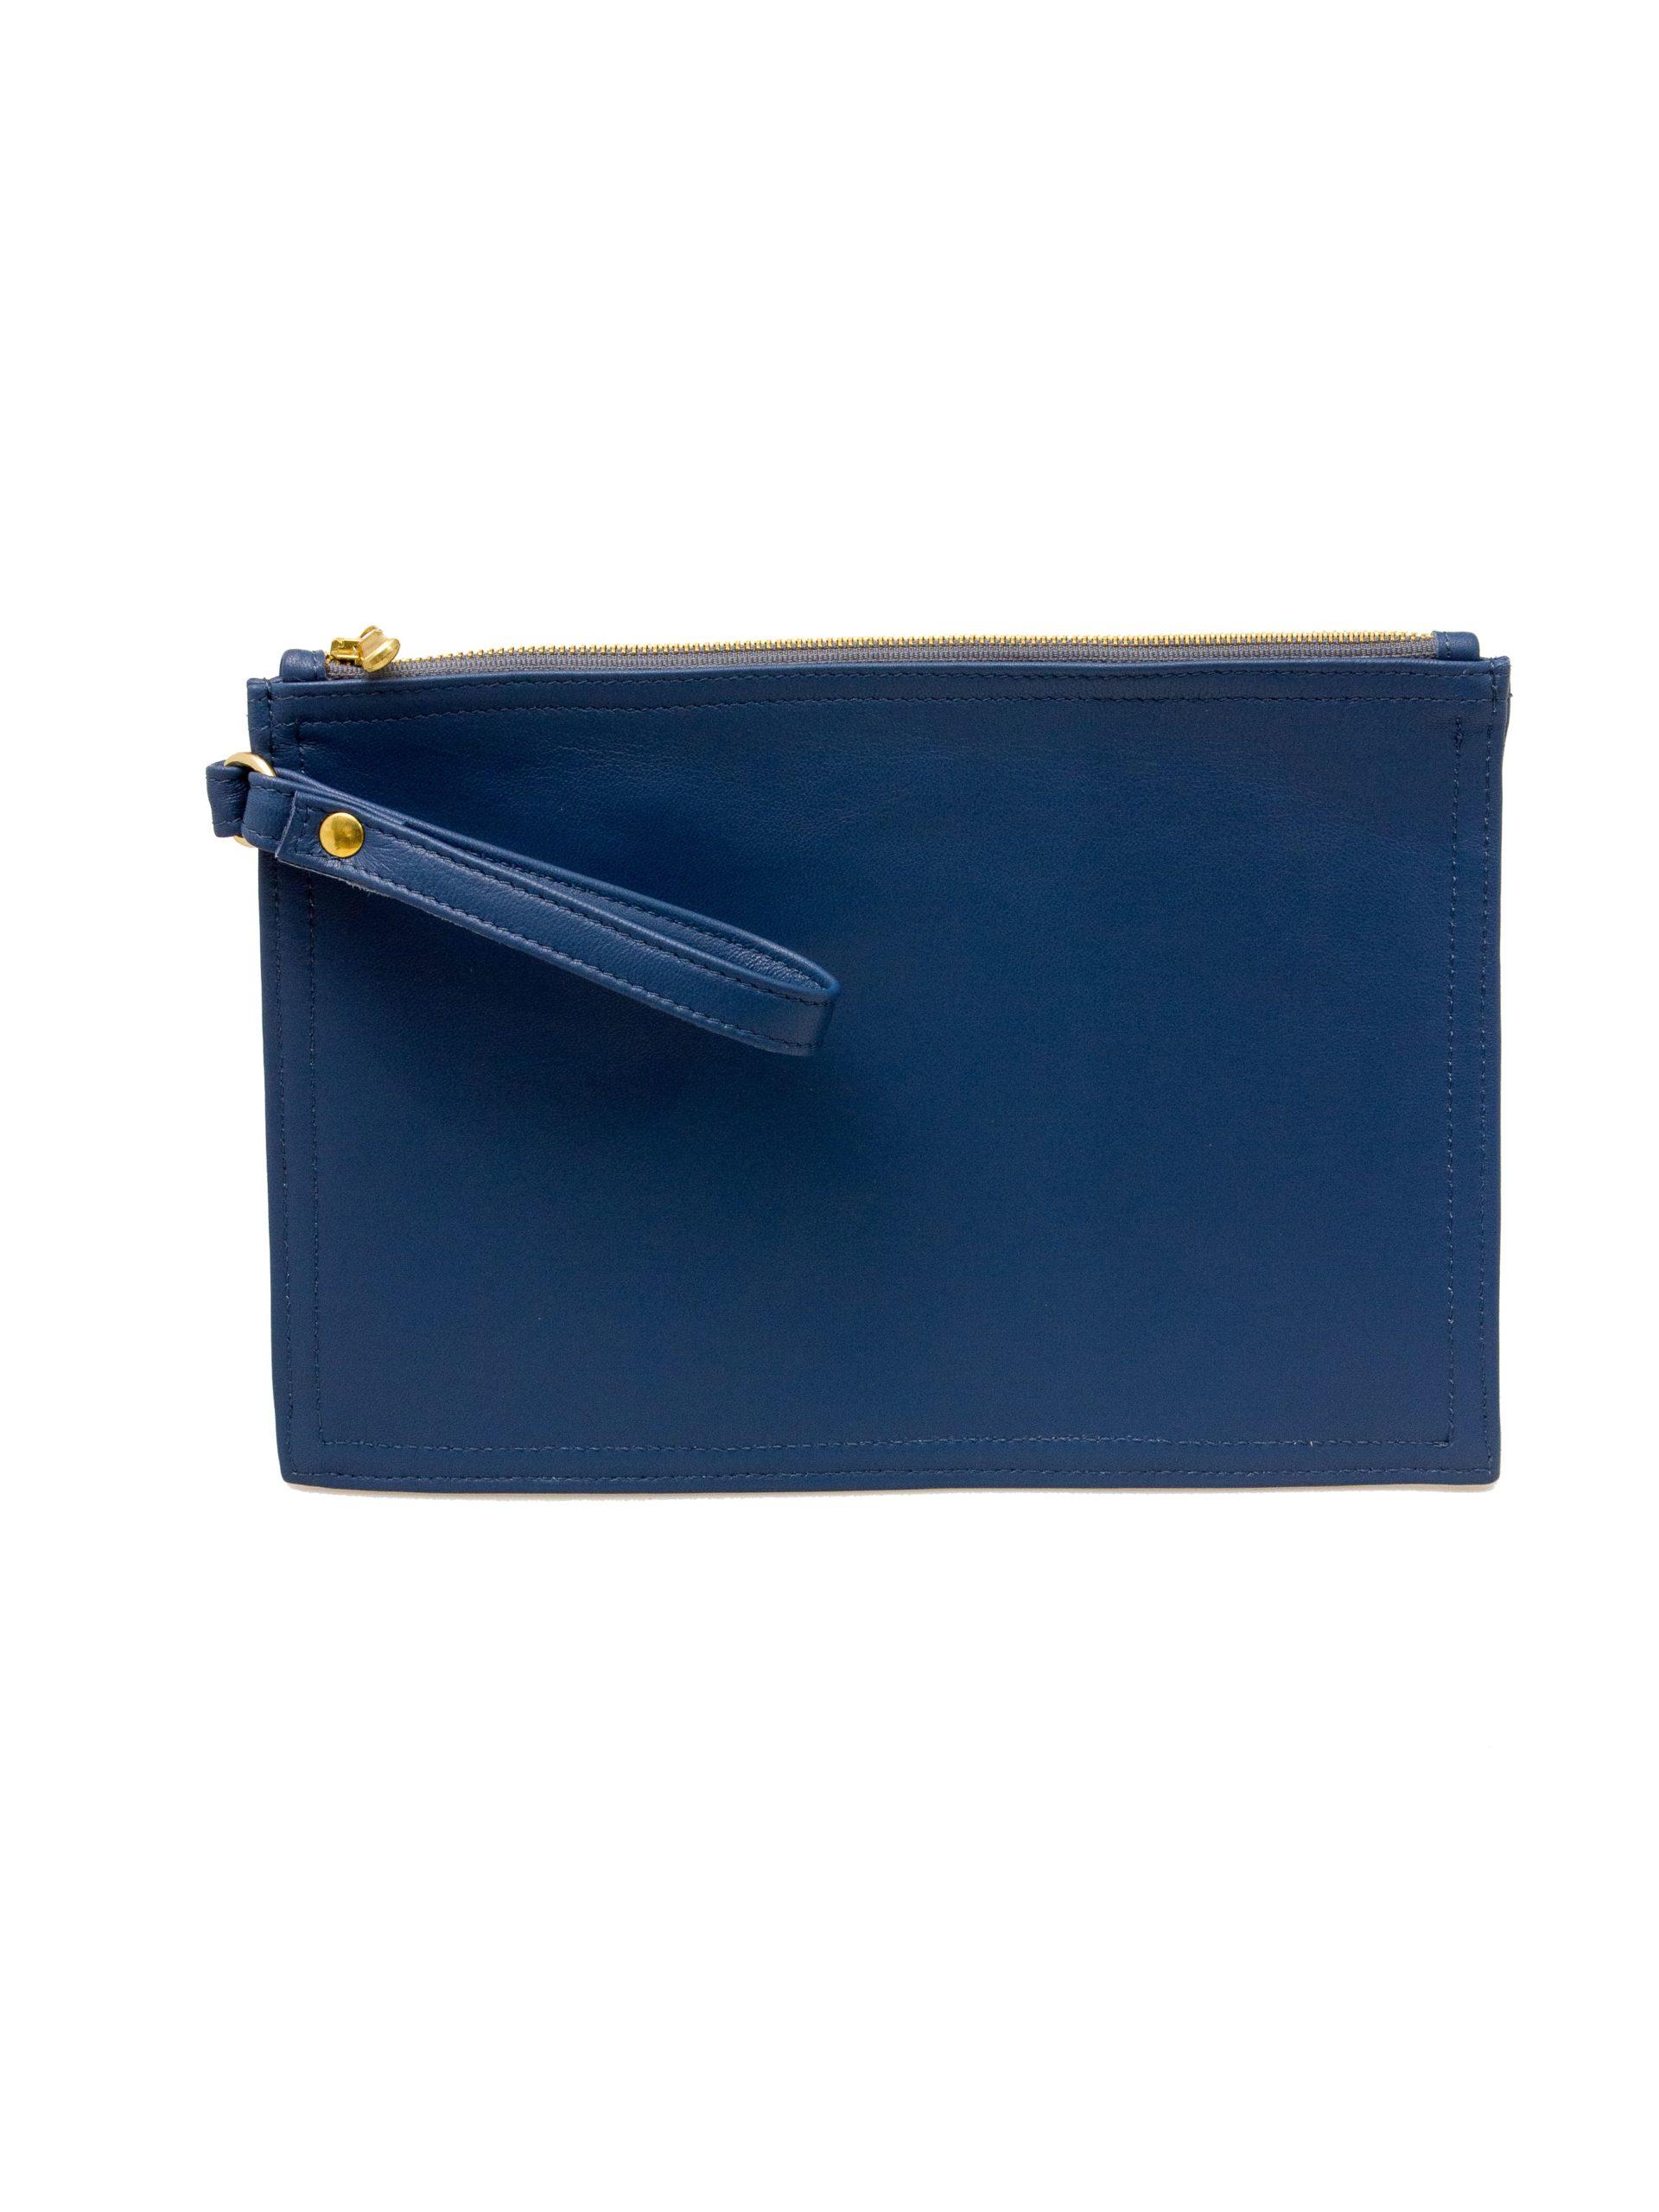 клатч конверт синий купить